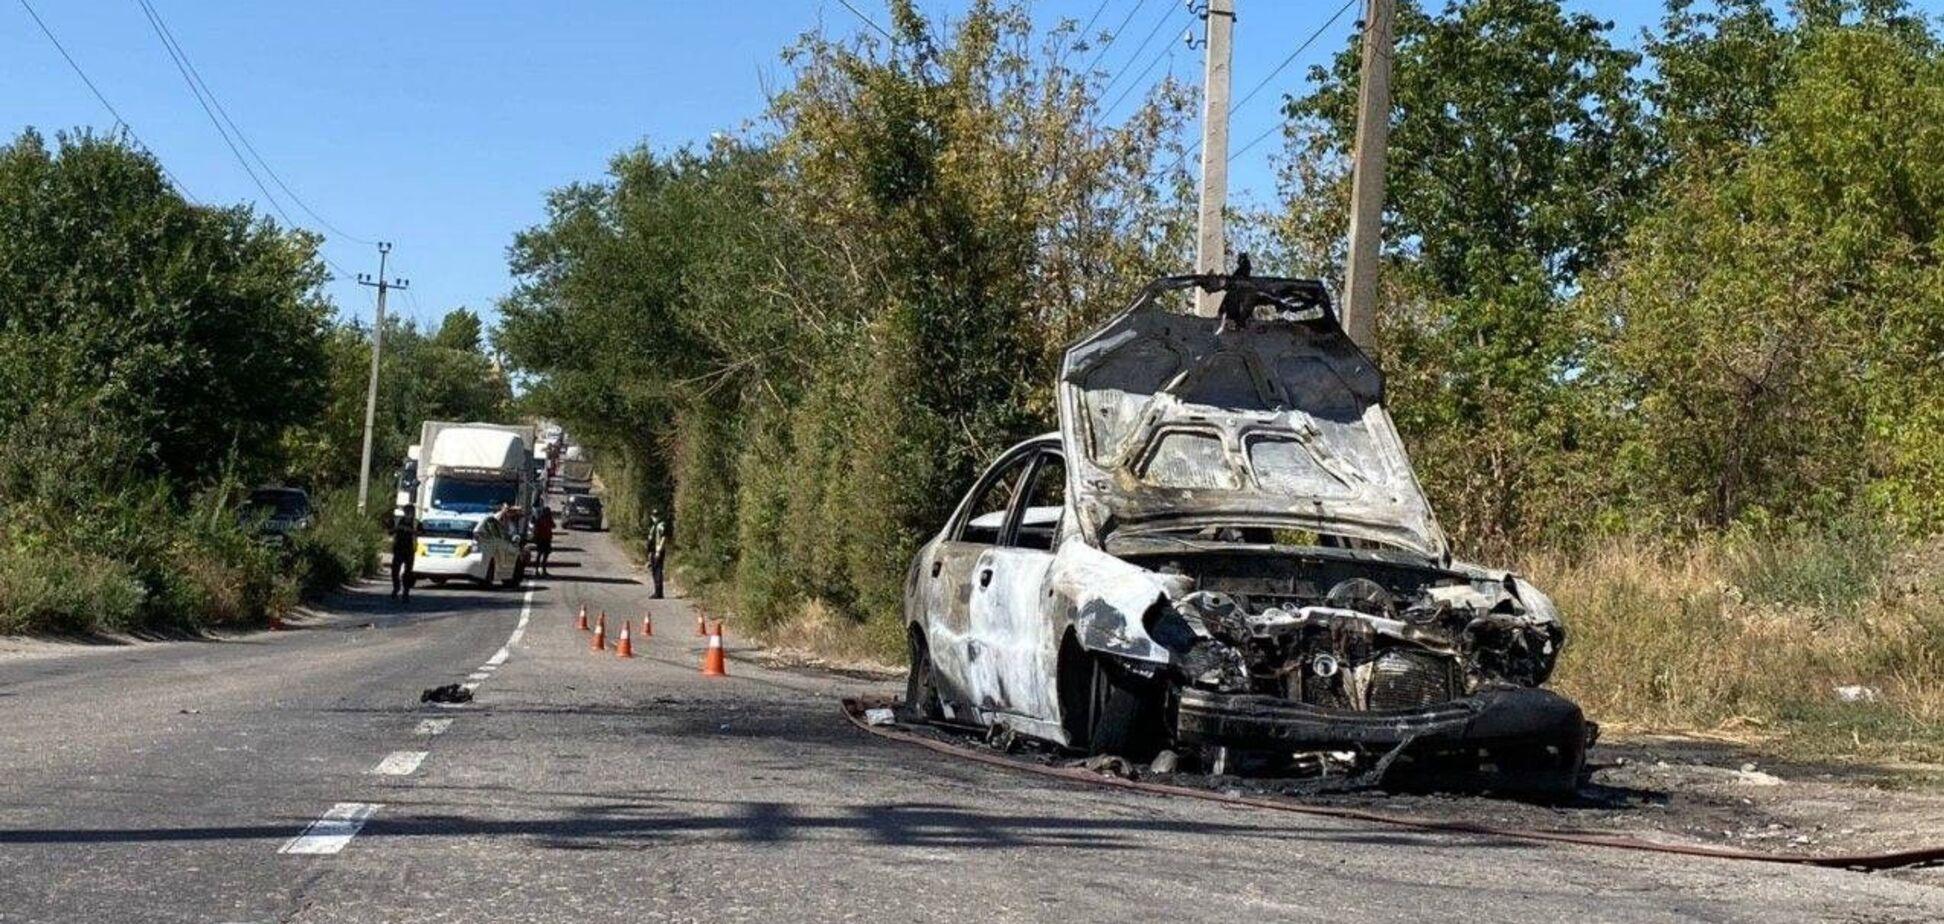 У Кривому Розі авто влетіло у маршрутку і загорілося: є постраждалі. Фото